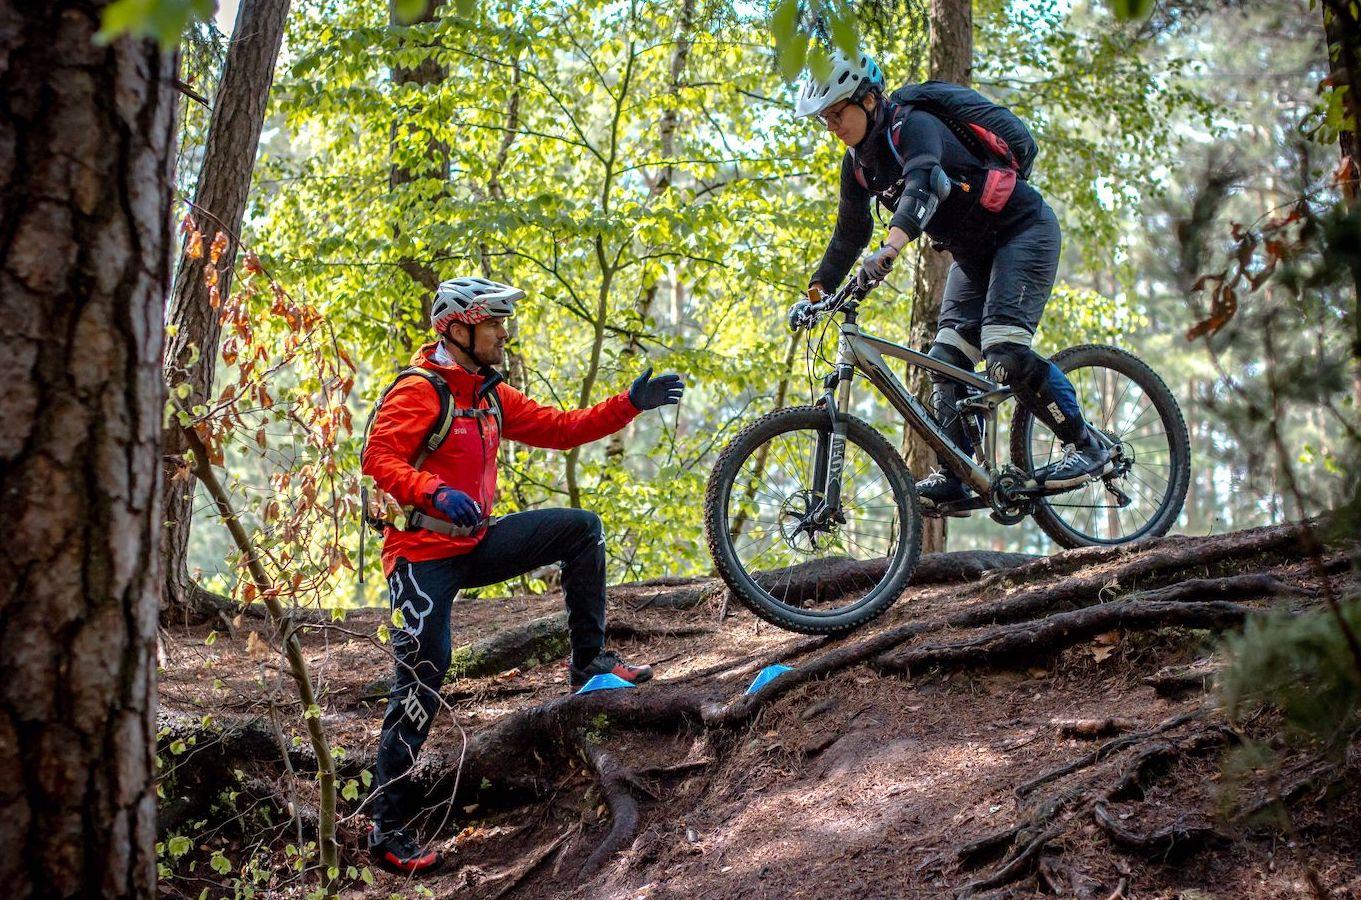 MTB Fahrtechnik Kurs Fortgeschrittene in Moers - Mountainbike Fortgeschritten - Rock my Trail Bikeschule - 5